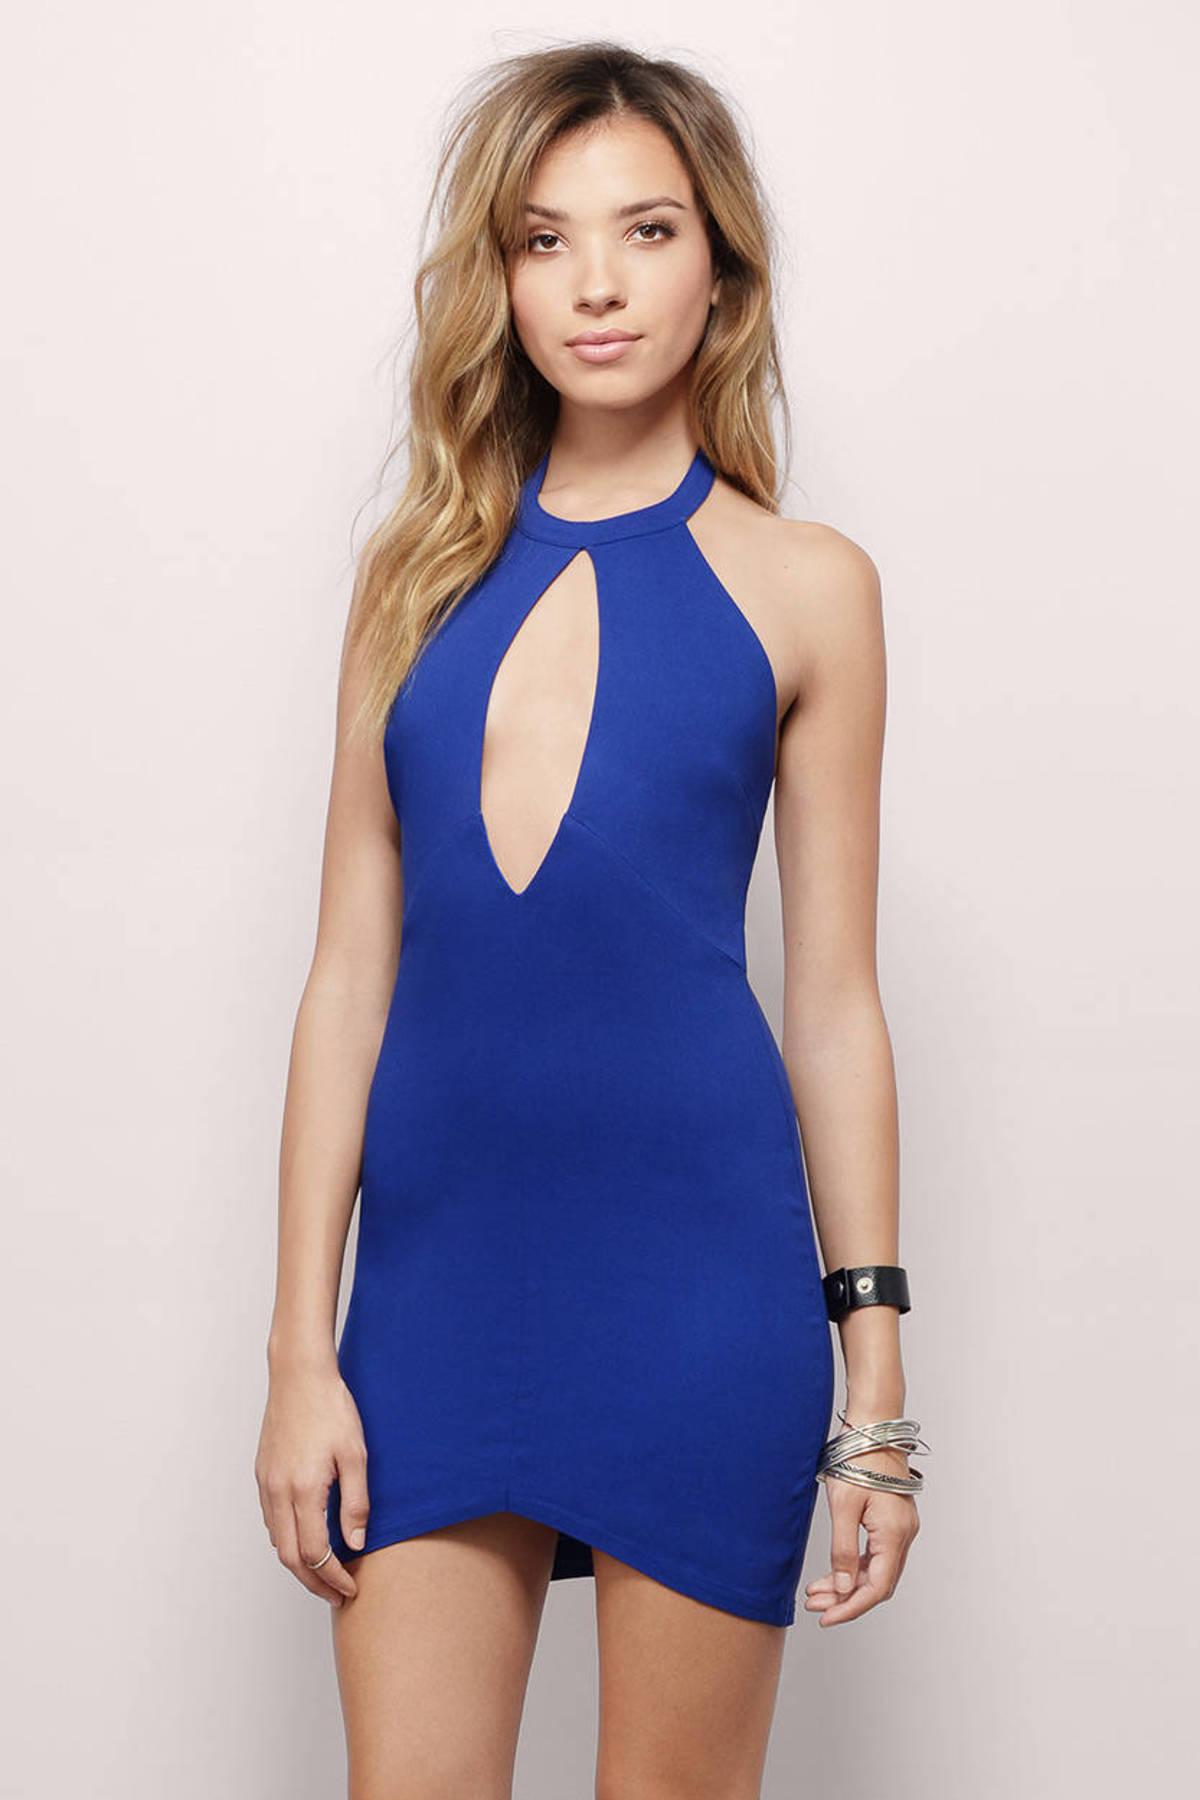 Glamorous Club Dresses Looks